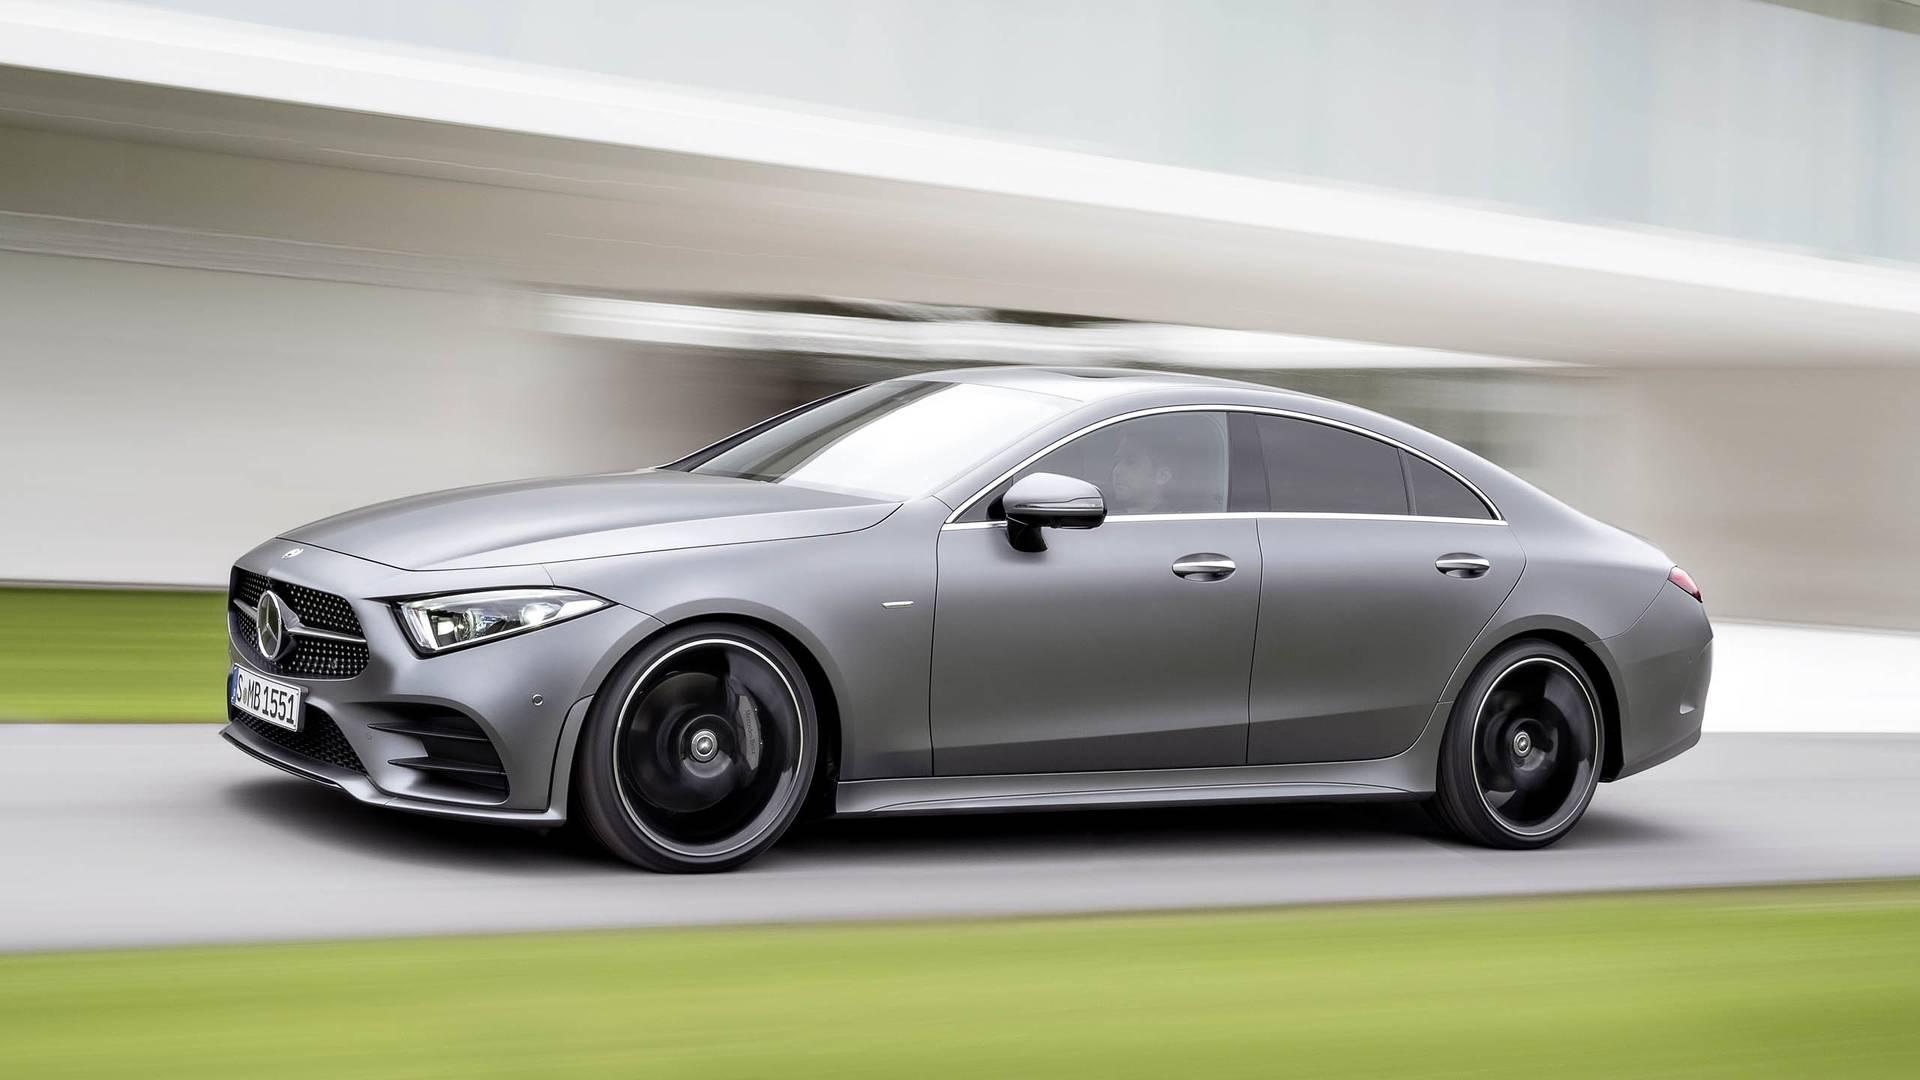 2019 cls press release mbclub uk bringing together for Mercedes benz press release